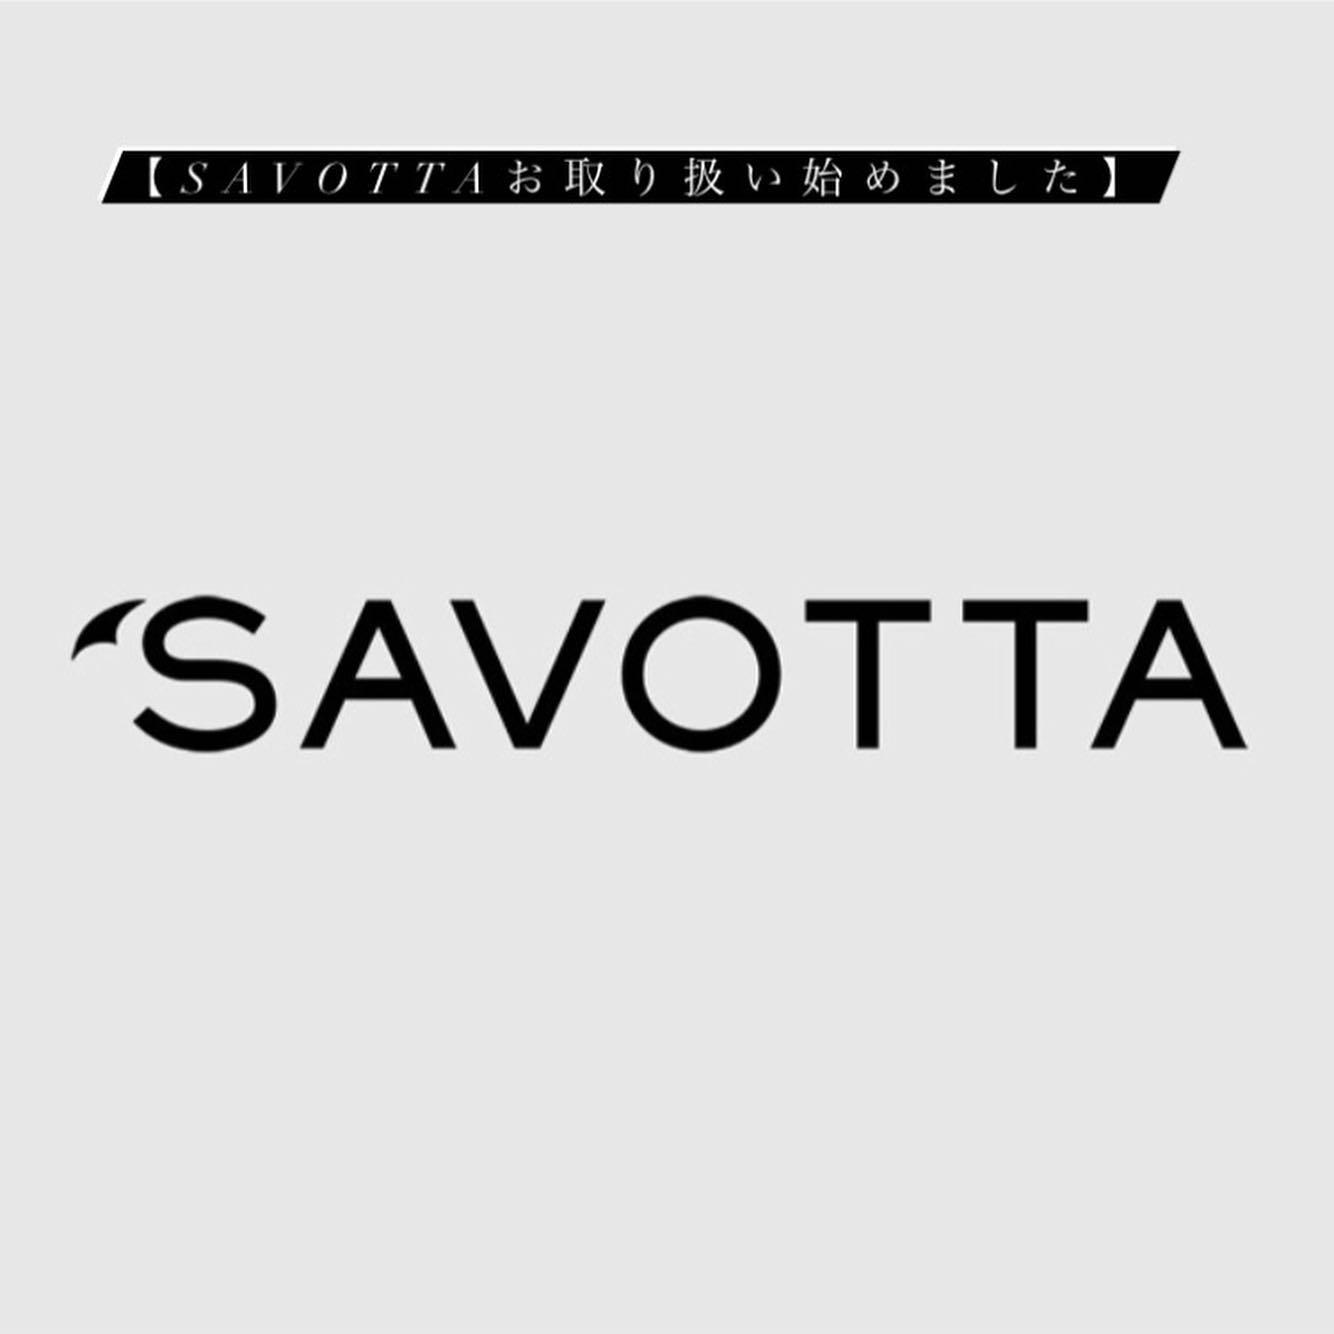 【SAVOTTA お取り扱い始めました】